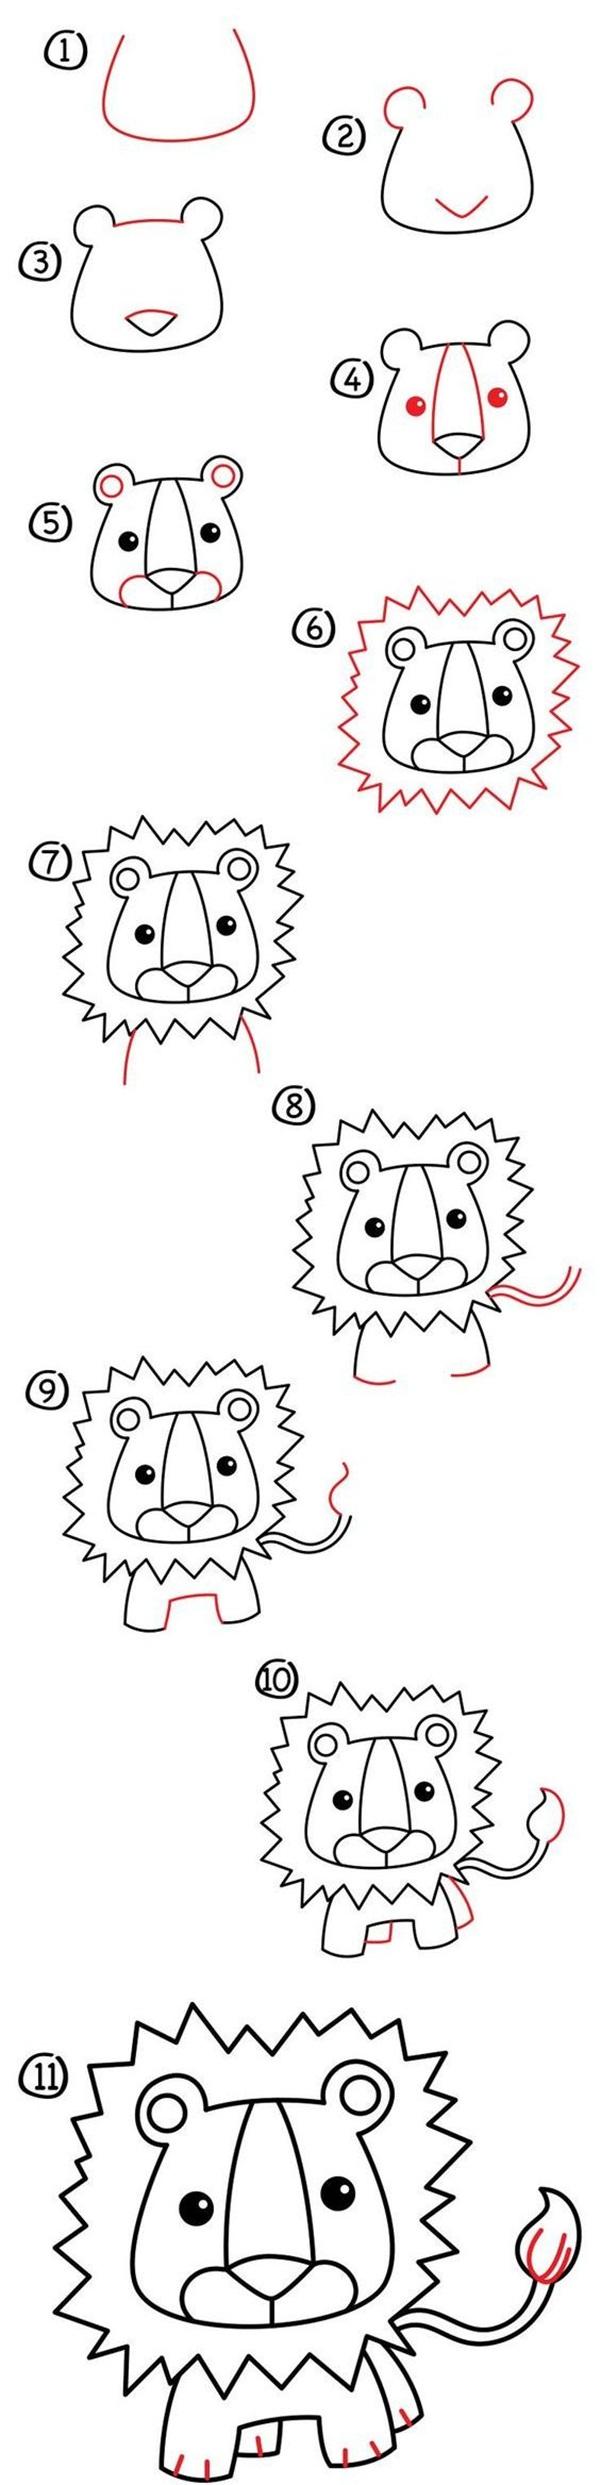 easy-diy-cartoon-drawings-for-kids4